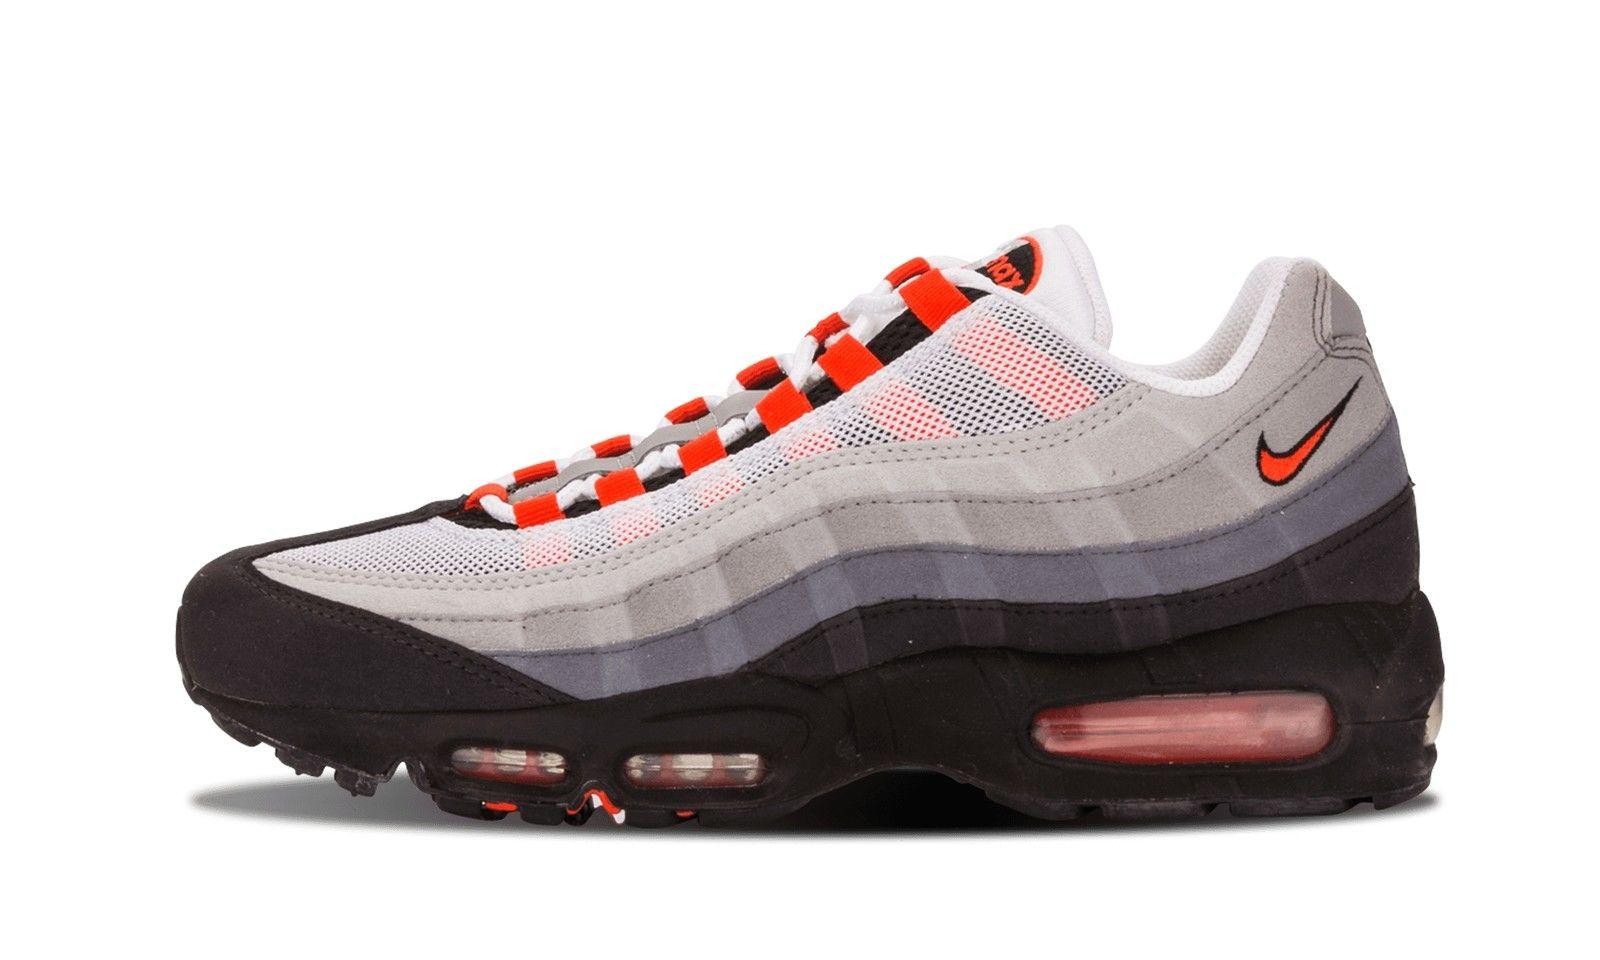 Nike Air Max 95 greyorange.jpg